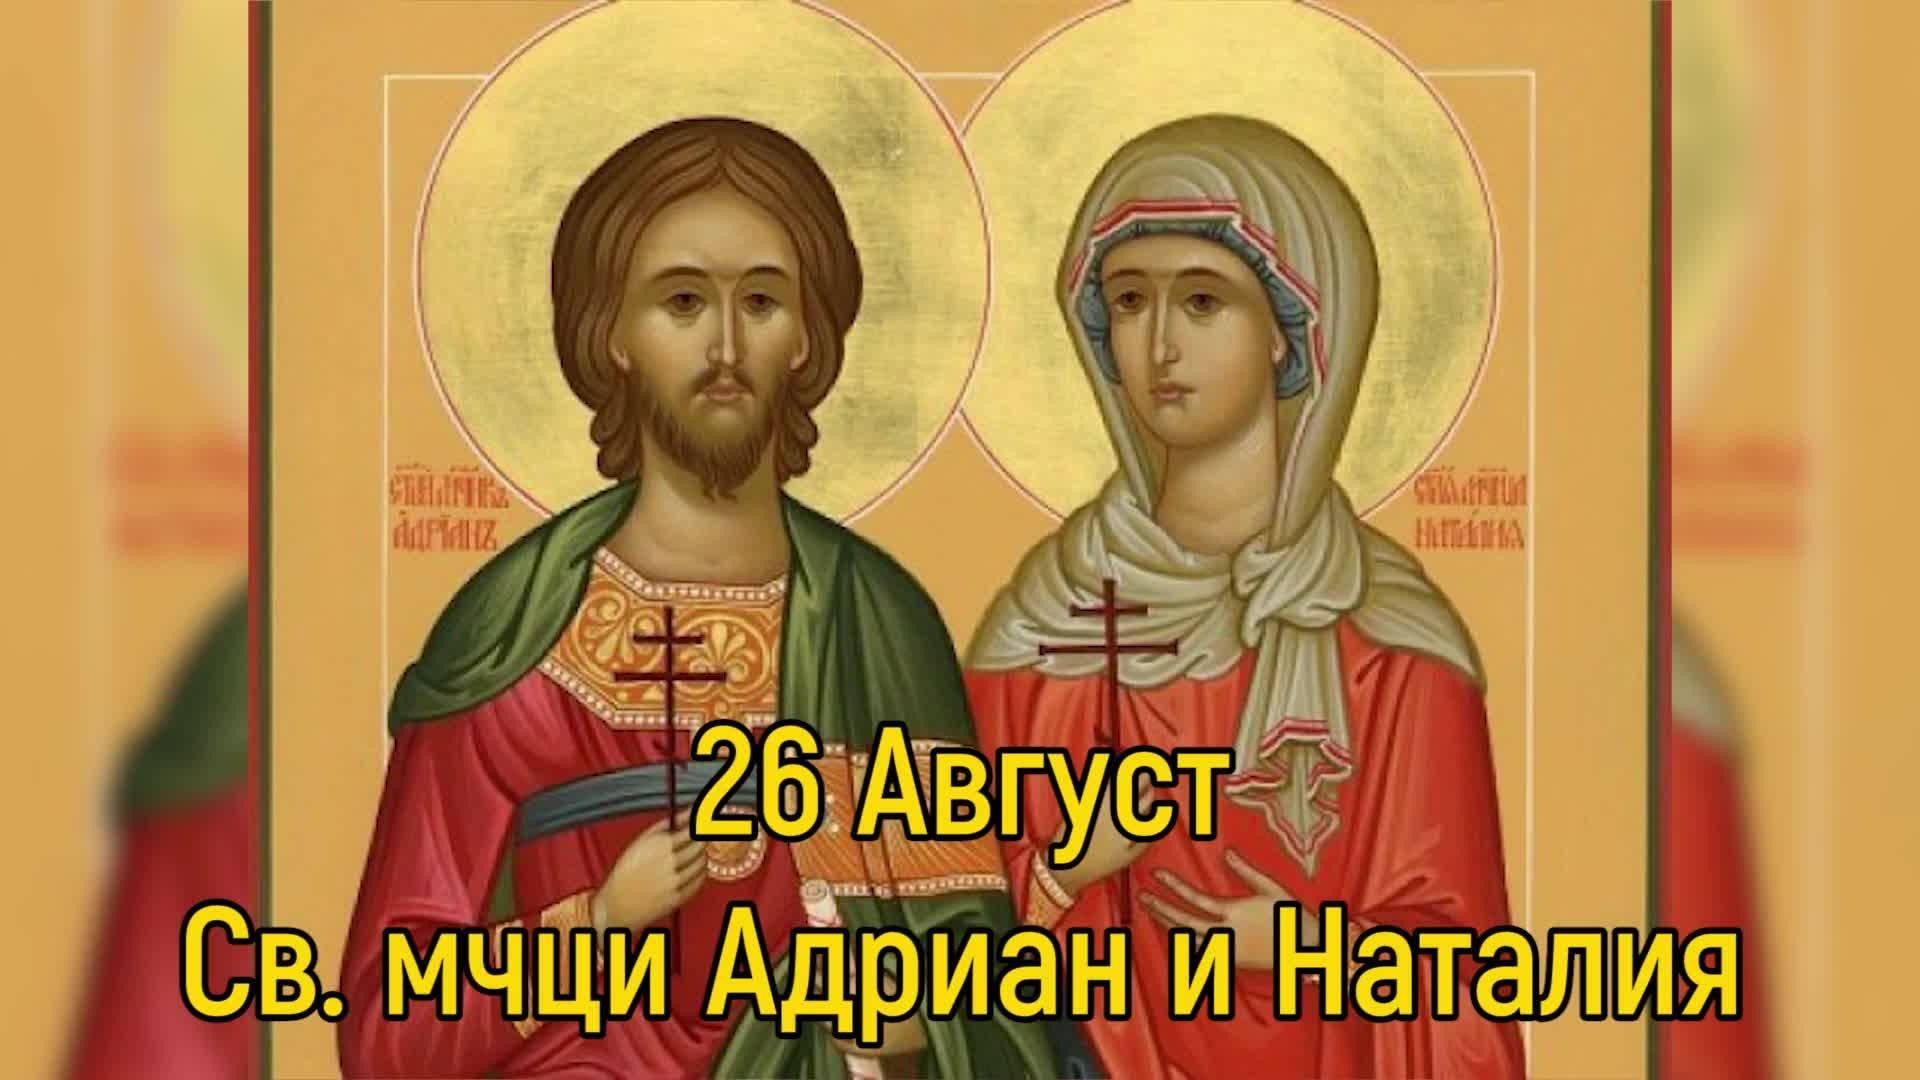 26 Август - Св. мчци Адриан и Наталия